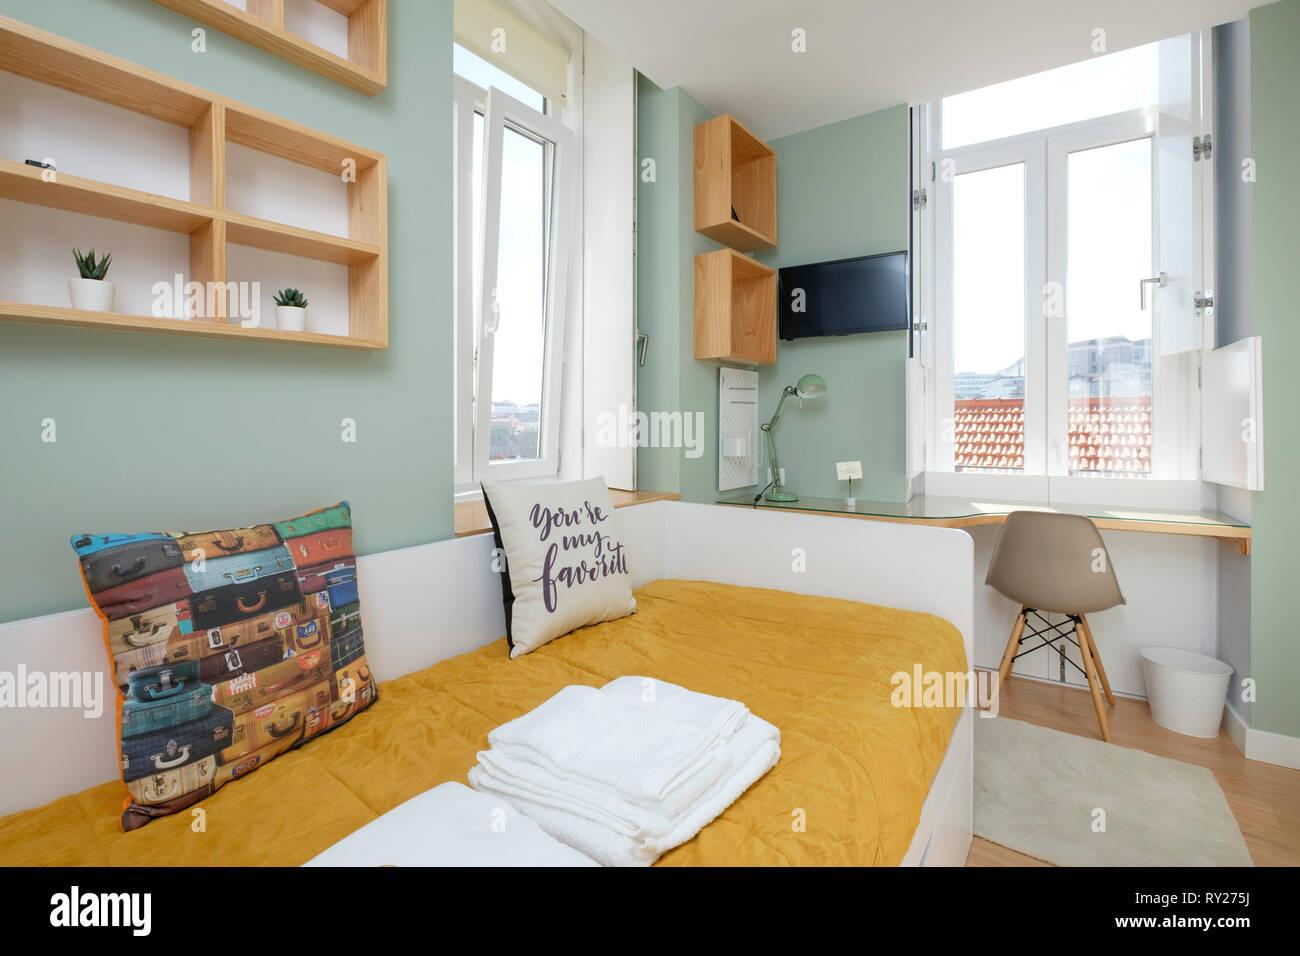 Farbenfroh kleines Apartment Schlafzimmer mit Einzelbett ...